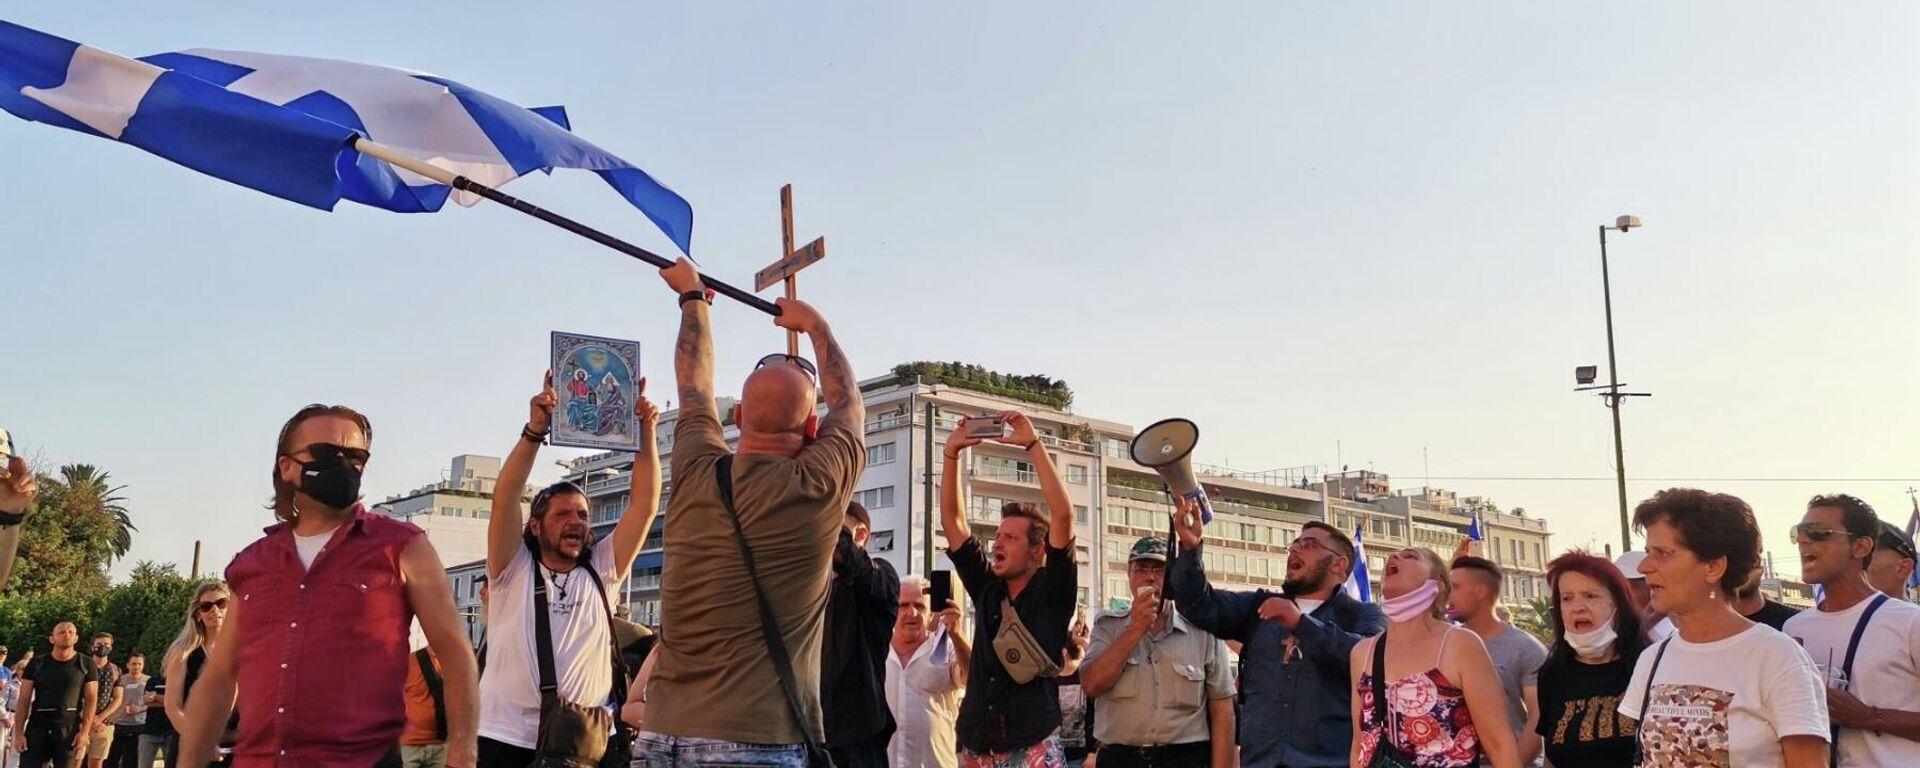 Σημαίες, σταυροί και συνθήματα στη συγκέντρωση αντιεμβολιαστών στο Σύνταγμα - Sputnik Ελλάδα, 1920, 27.09.2021